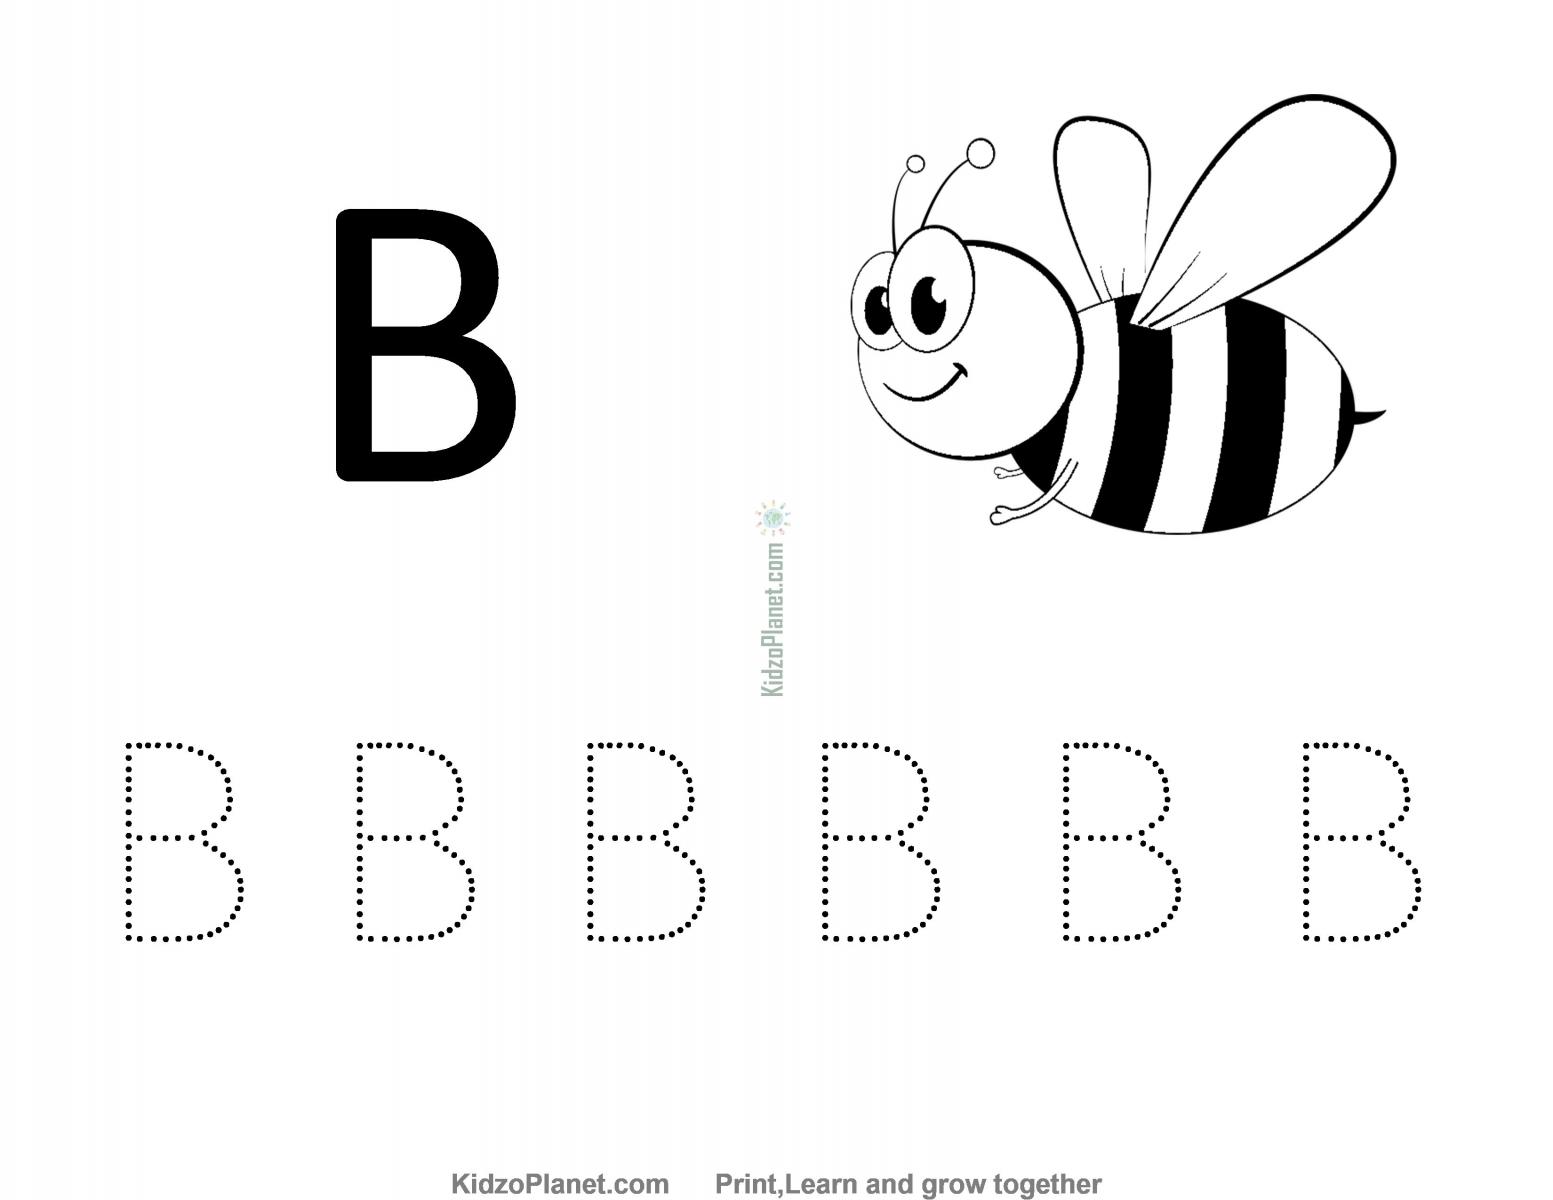 Free Worksheet For Kids , Kidzoplanet Printable Worksheets within Letter B Worksheets For Preschool Free